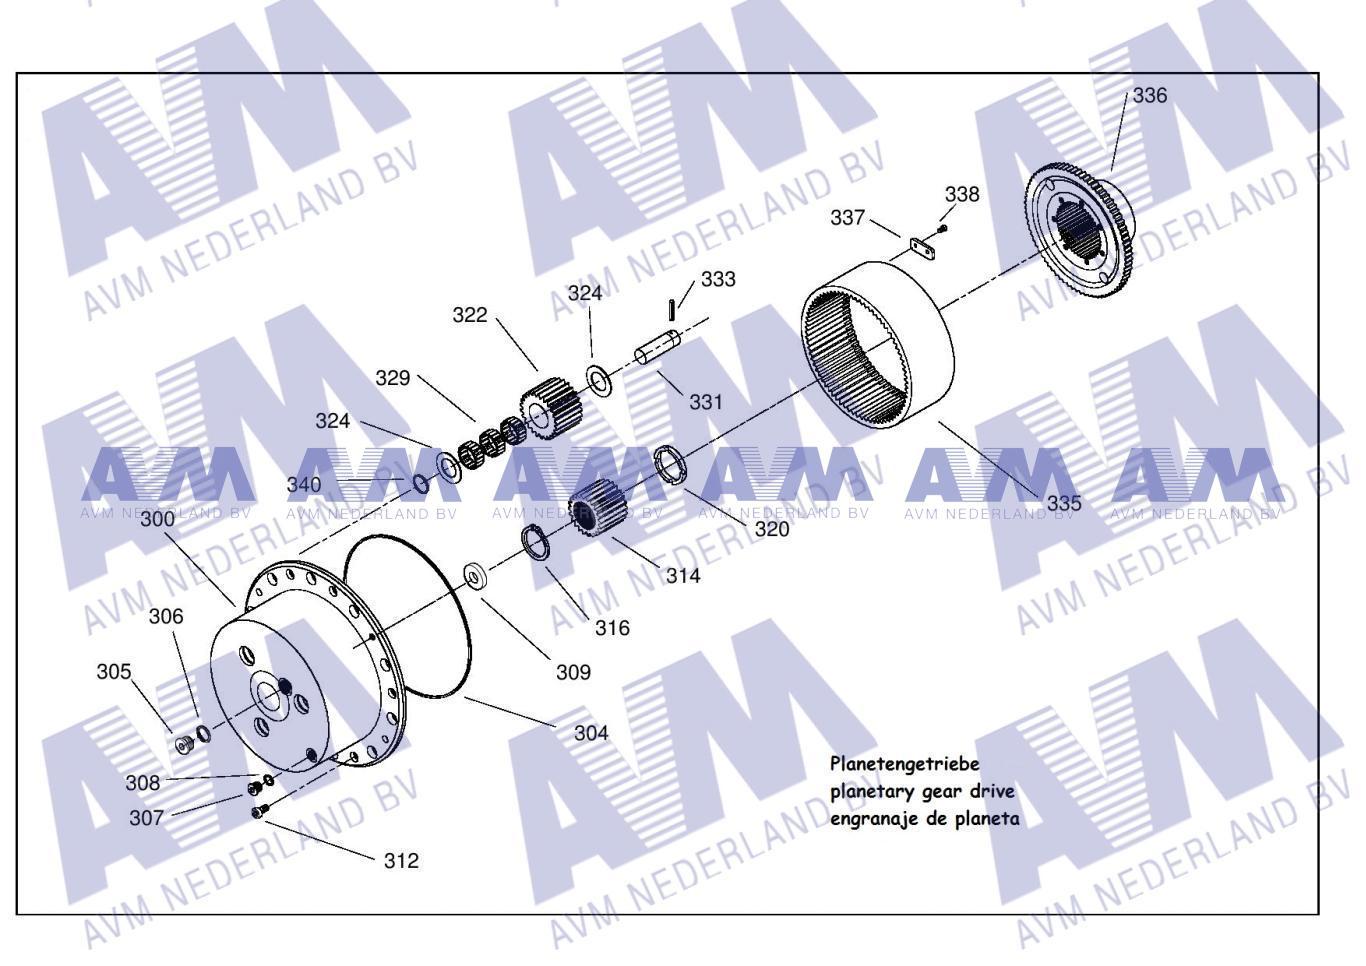 Tekening Eindplanetair 3p PL321-3821-63-1 TEK Kessler